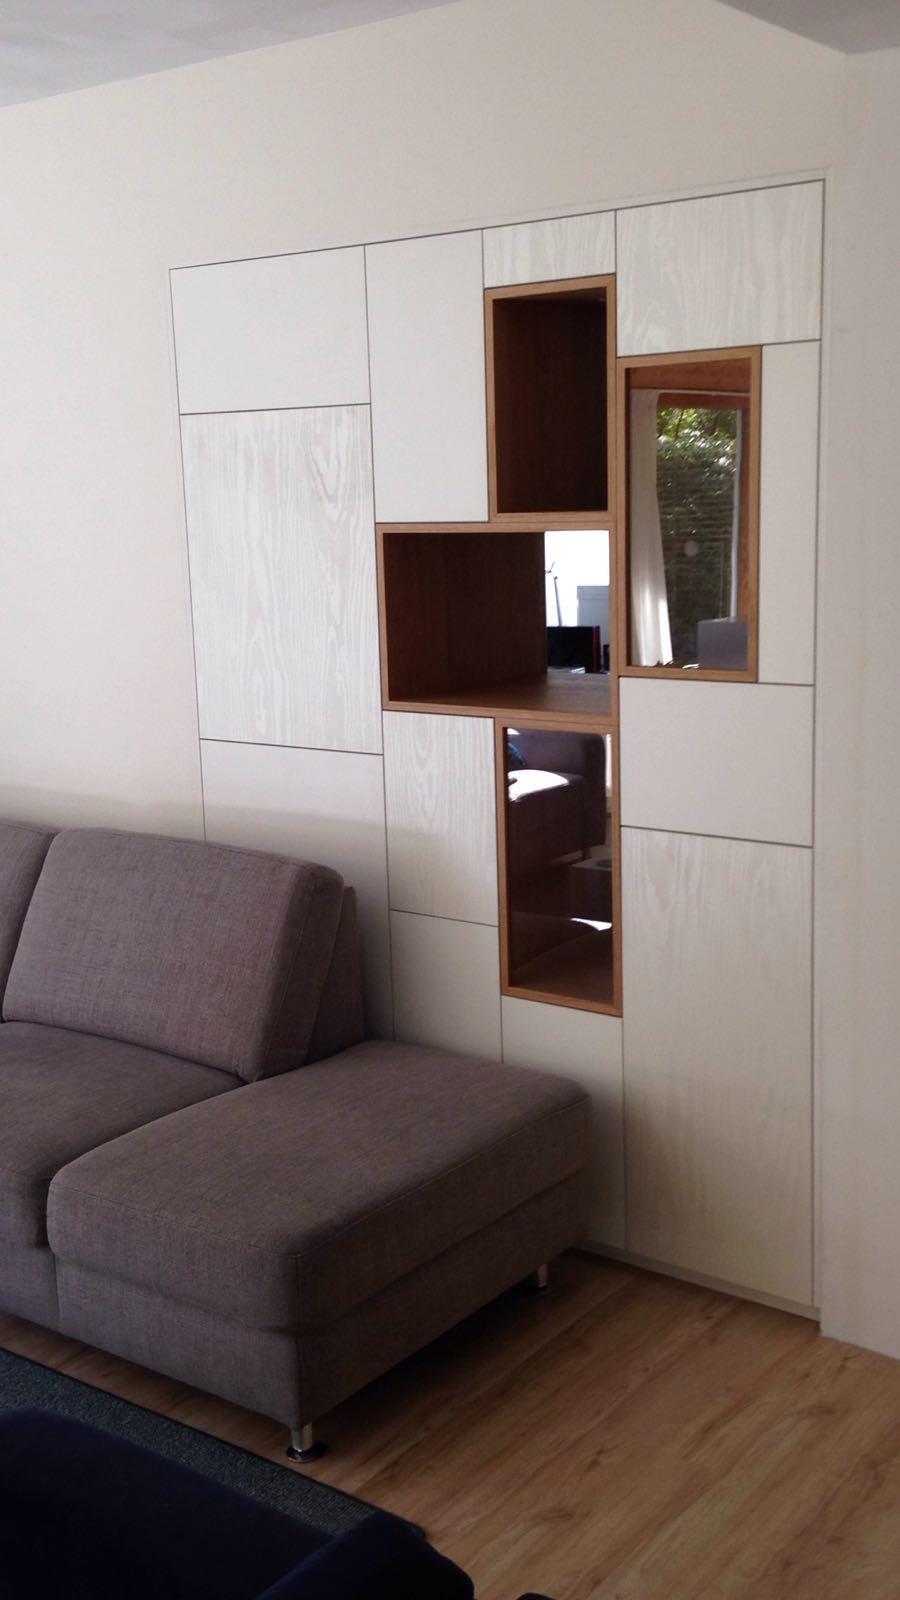 Wandkast-3